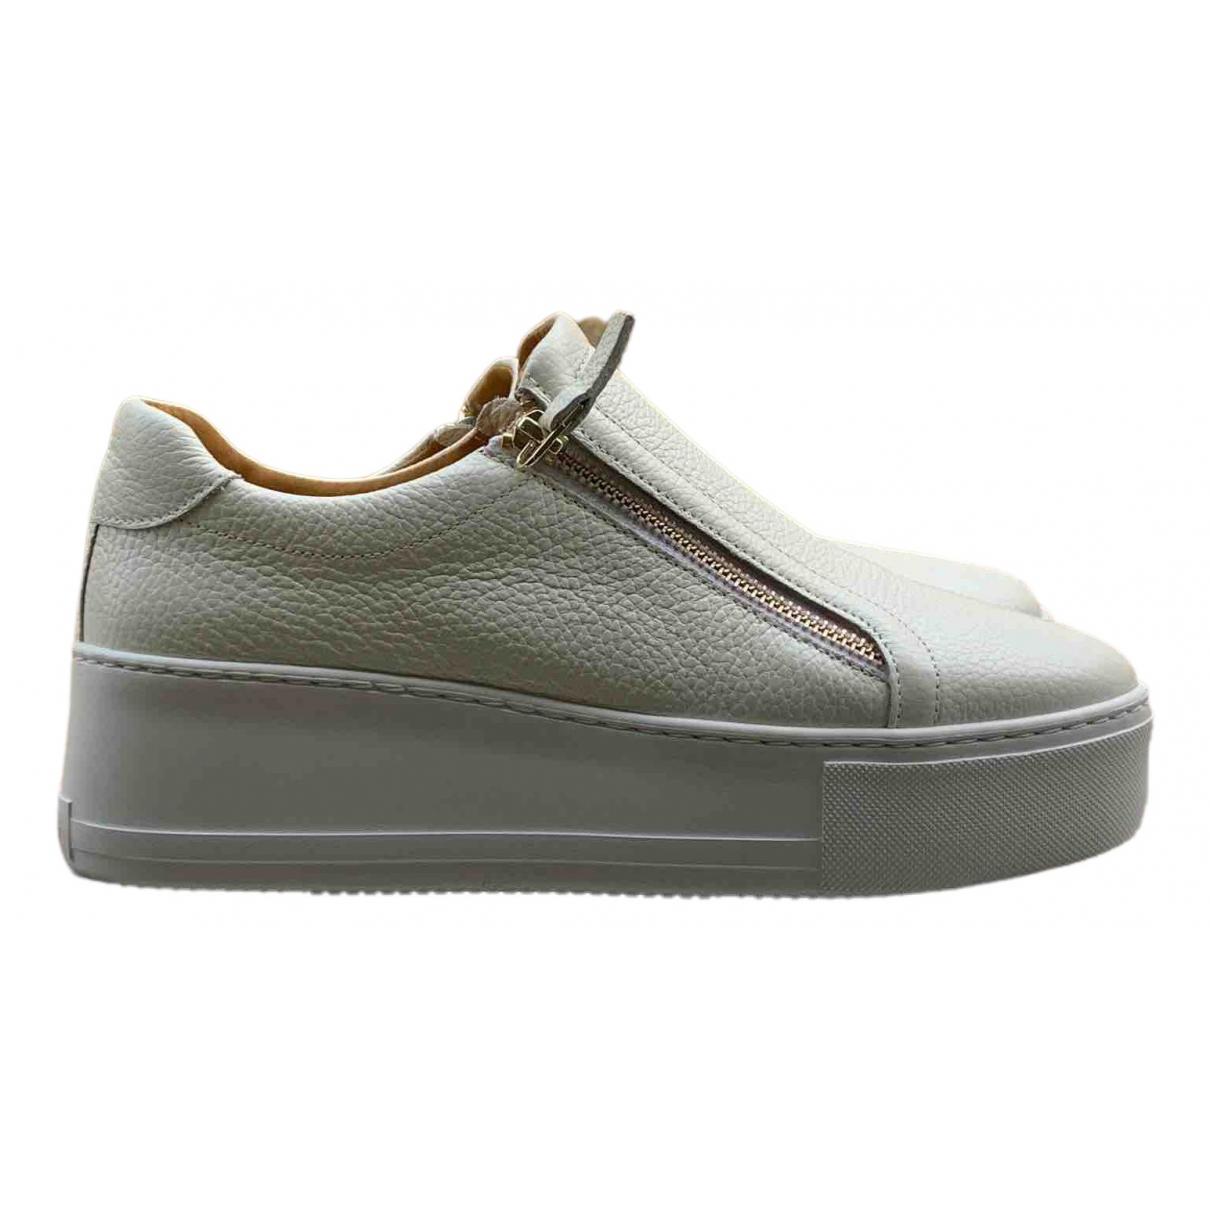 Russell & Bromley \N Sneakers in  Weiss Leder